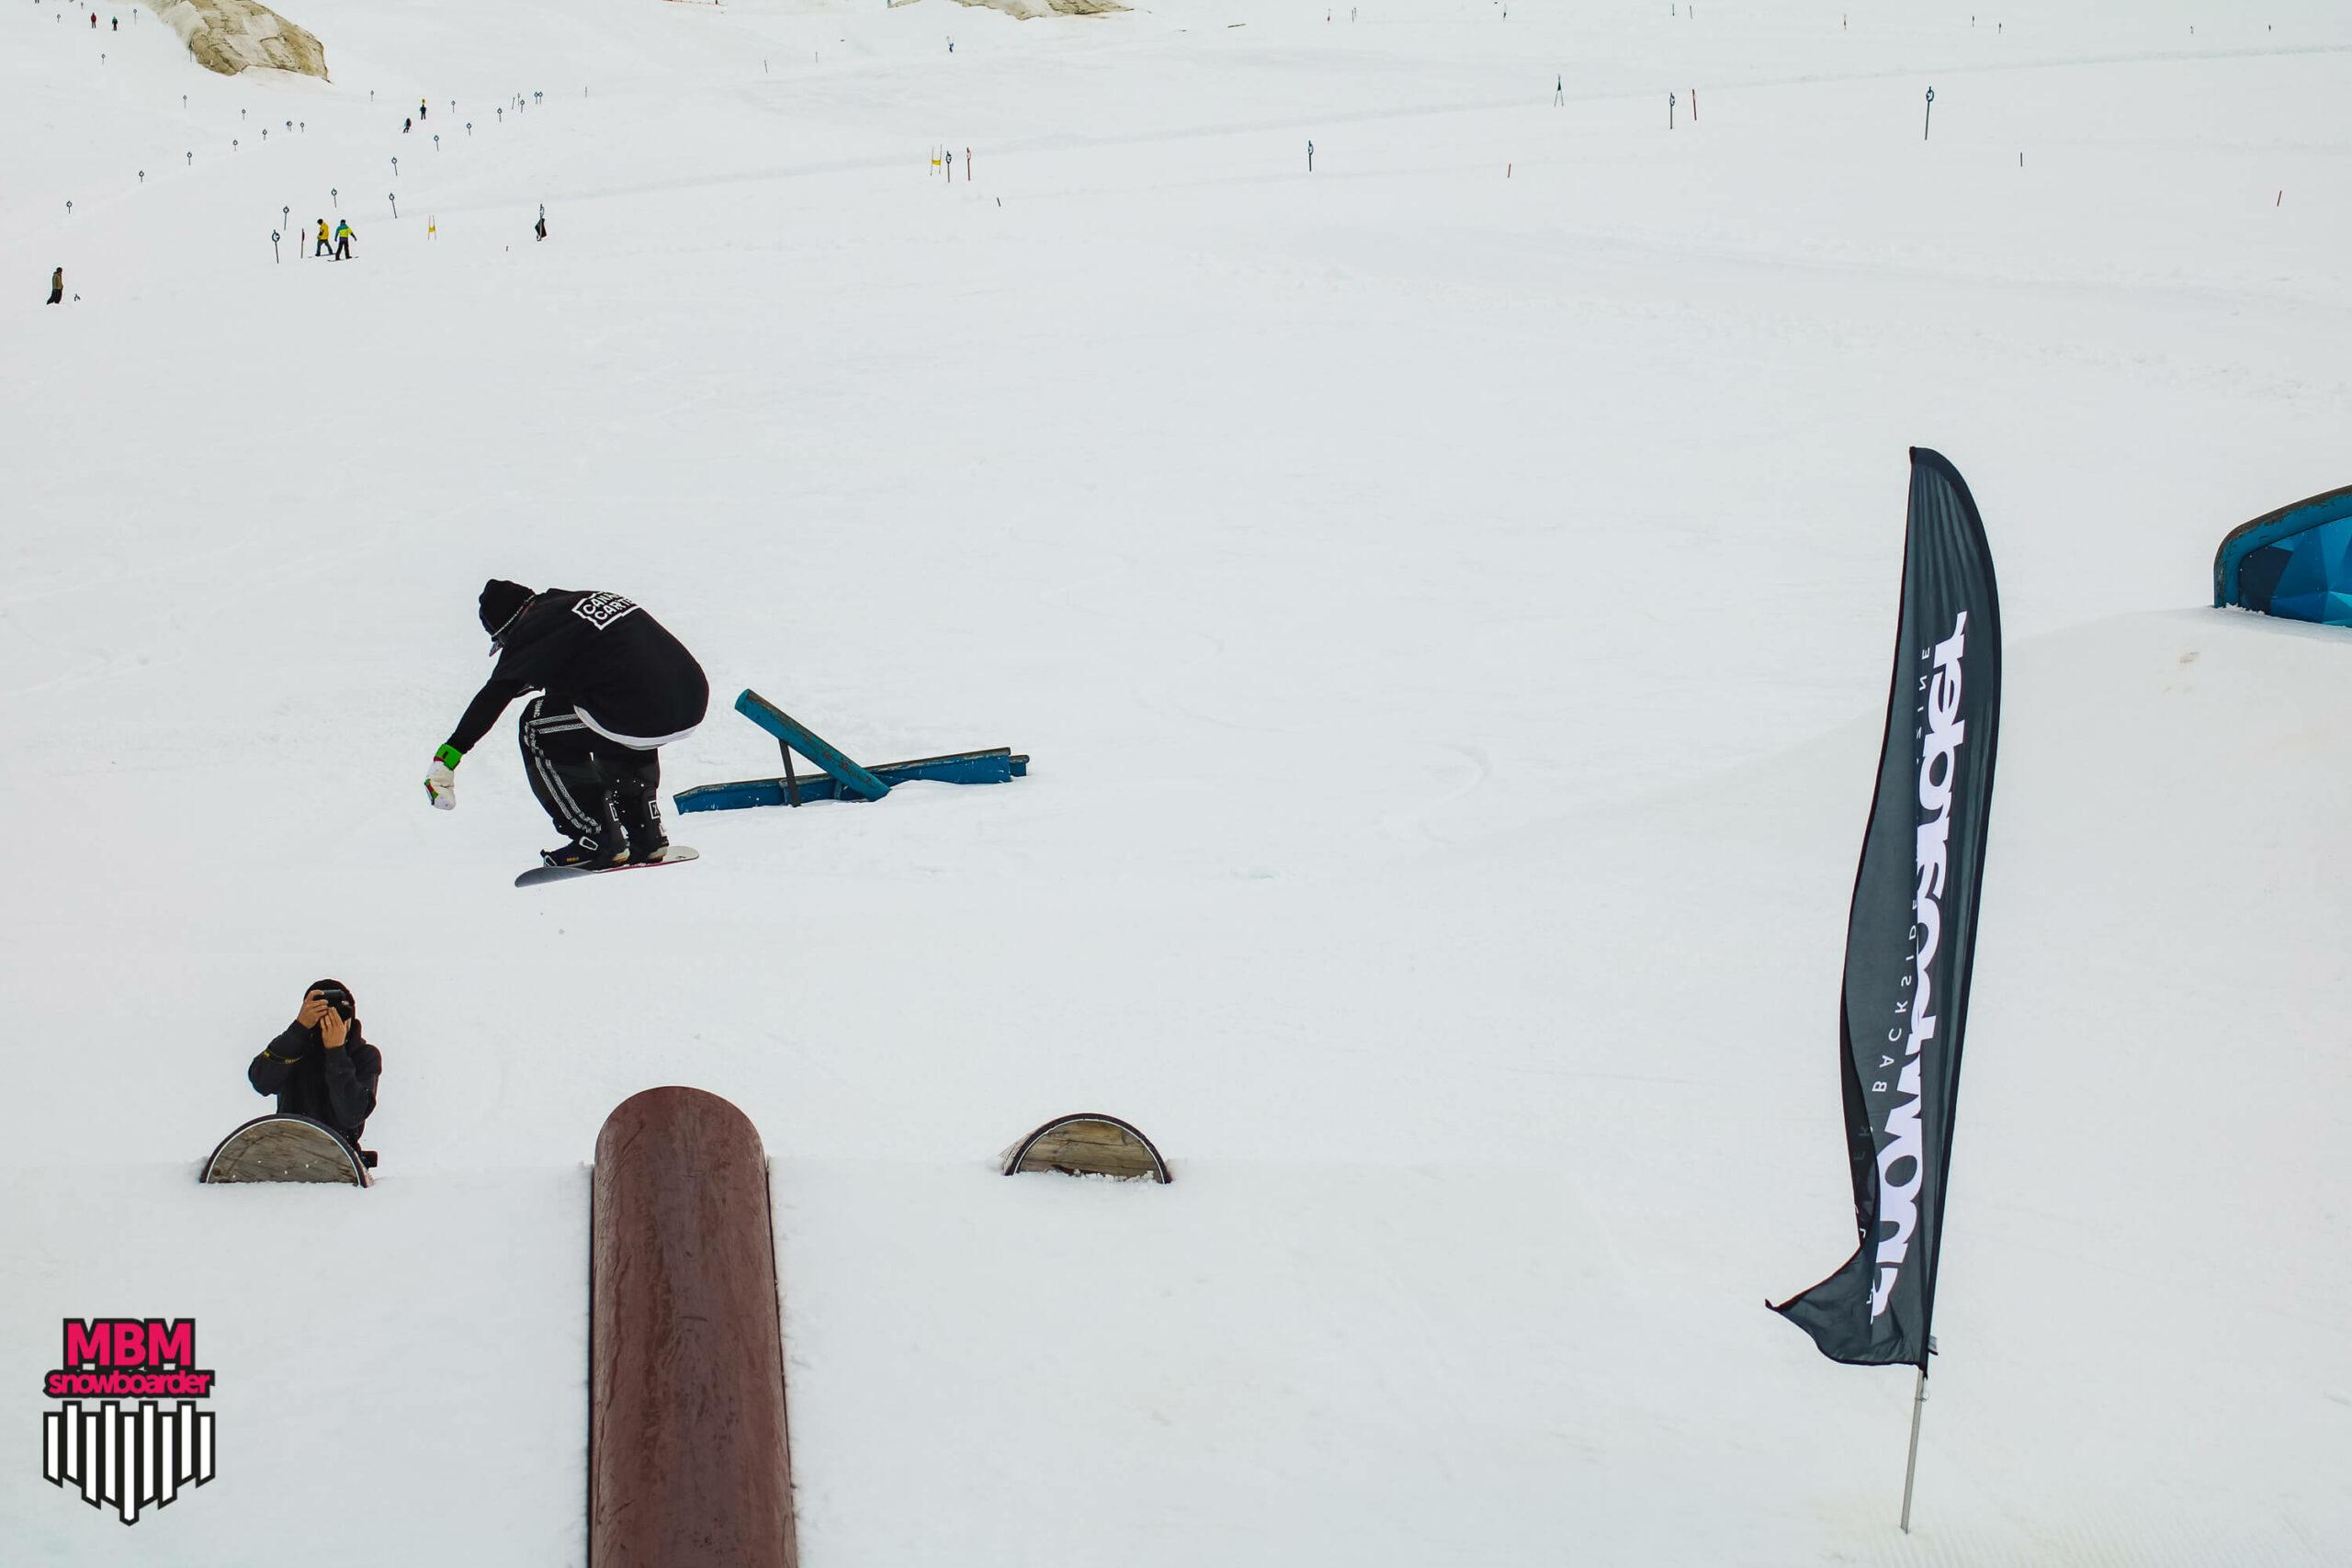 snowboarderMBM_sd_kaunertal_008